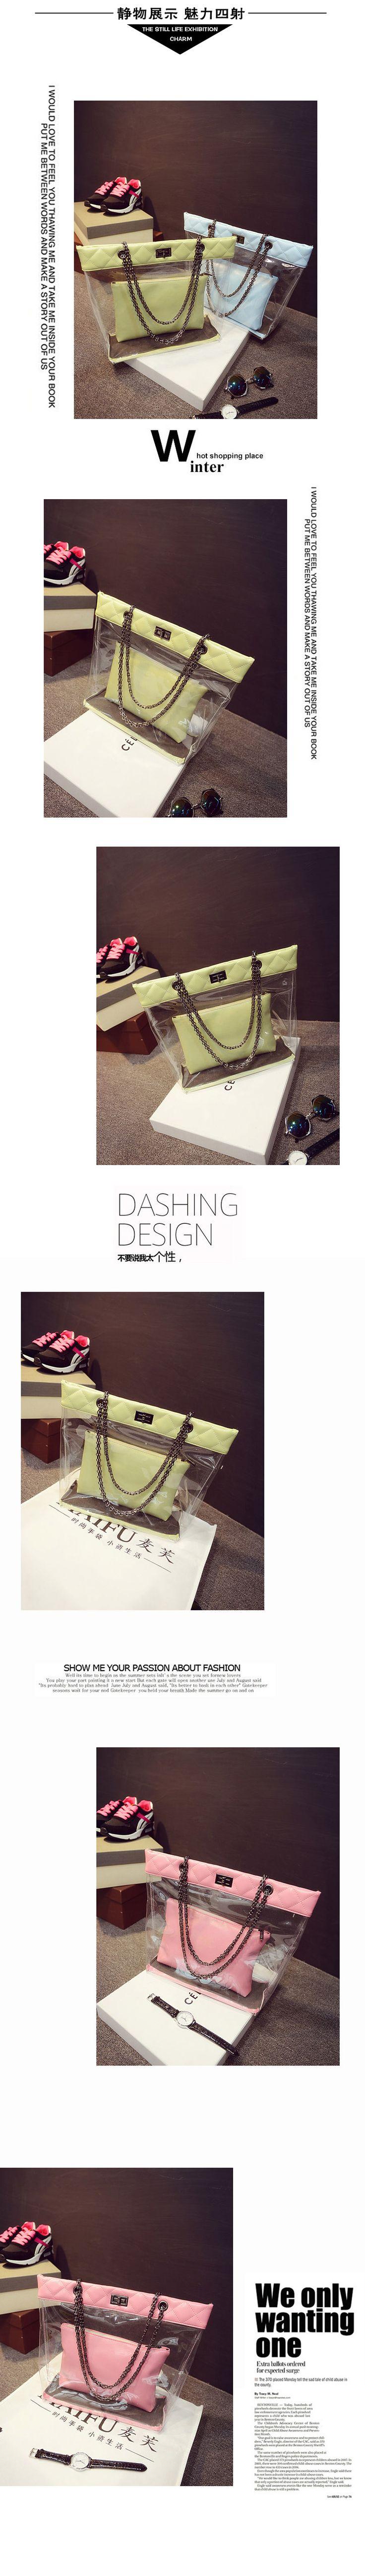 Çanta 2015 yeni bahar ve yaz moda rahat yeni macarons şeffaf renk şeffaf plaj çantası gelgit resim - Taobao